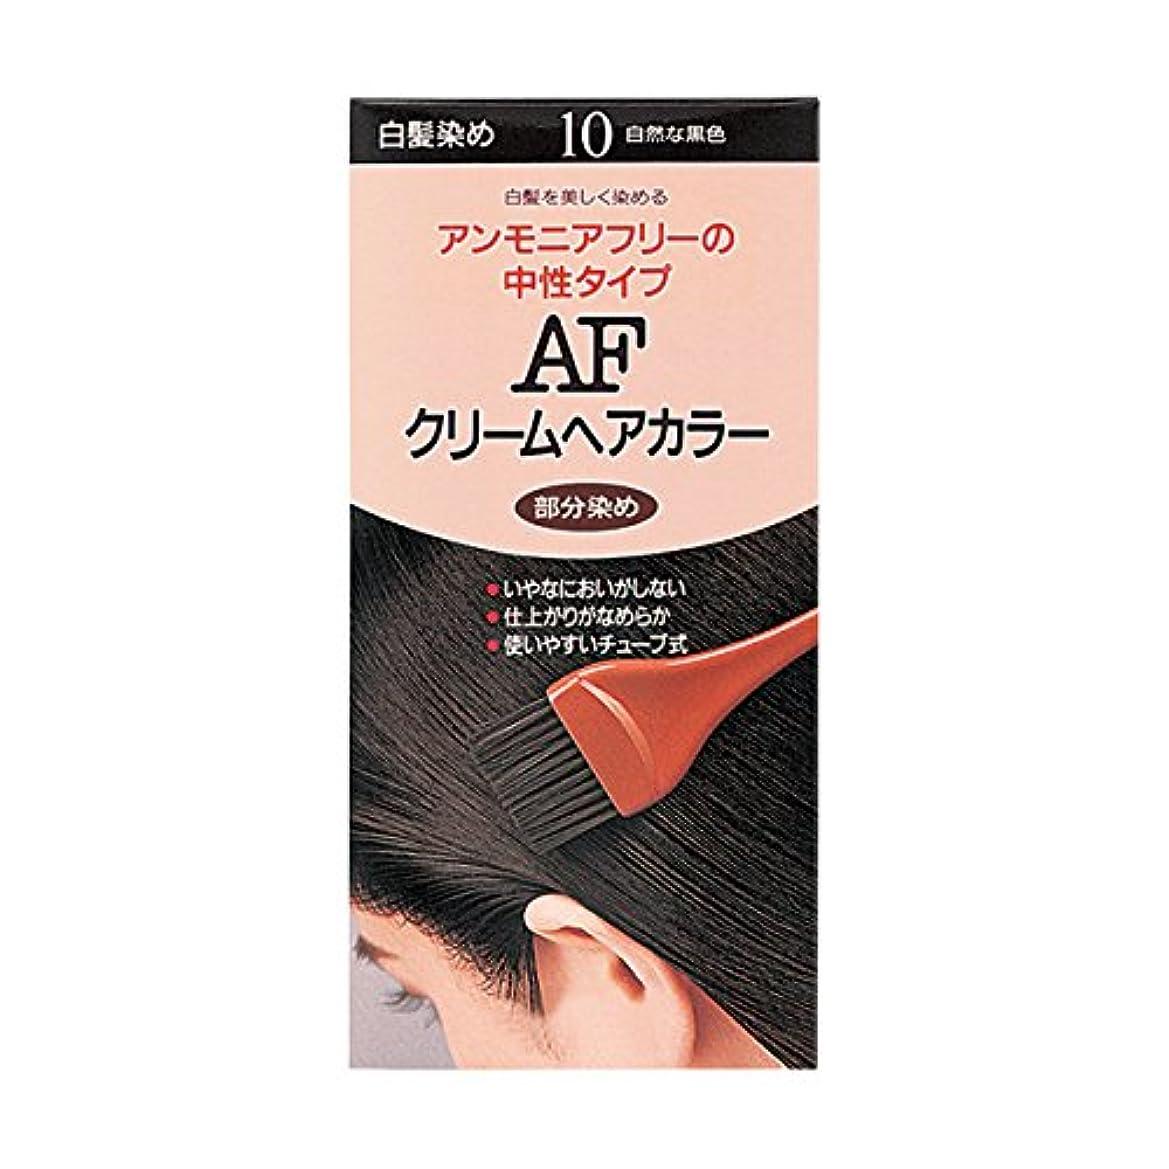 ホーム悲しむ後方にヘアカラー AFクリームヘアカラー 10 【医薬部外品】